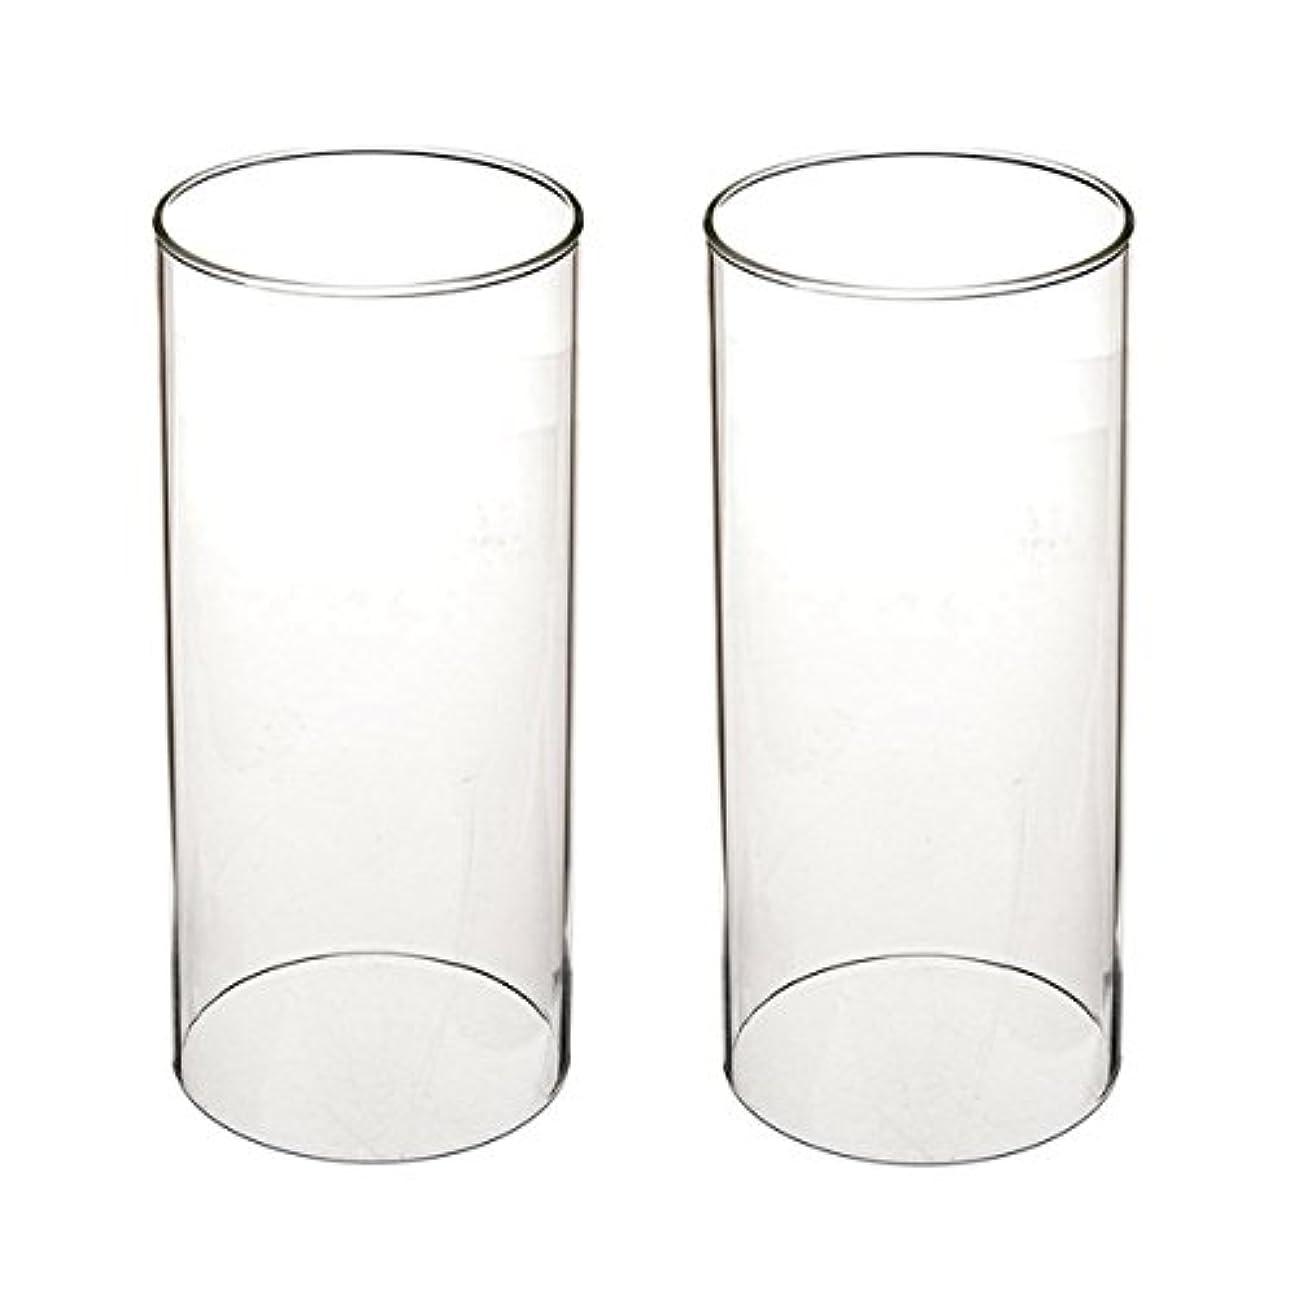 欲しいです秀でる障害者ガラス煙突for Candleオープンエンド、ホウケイ酸ガラス( d3 h8